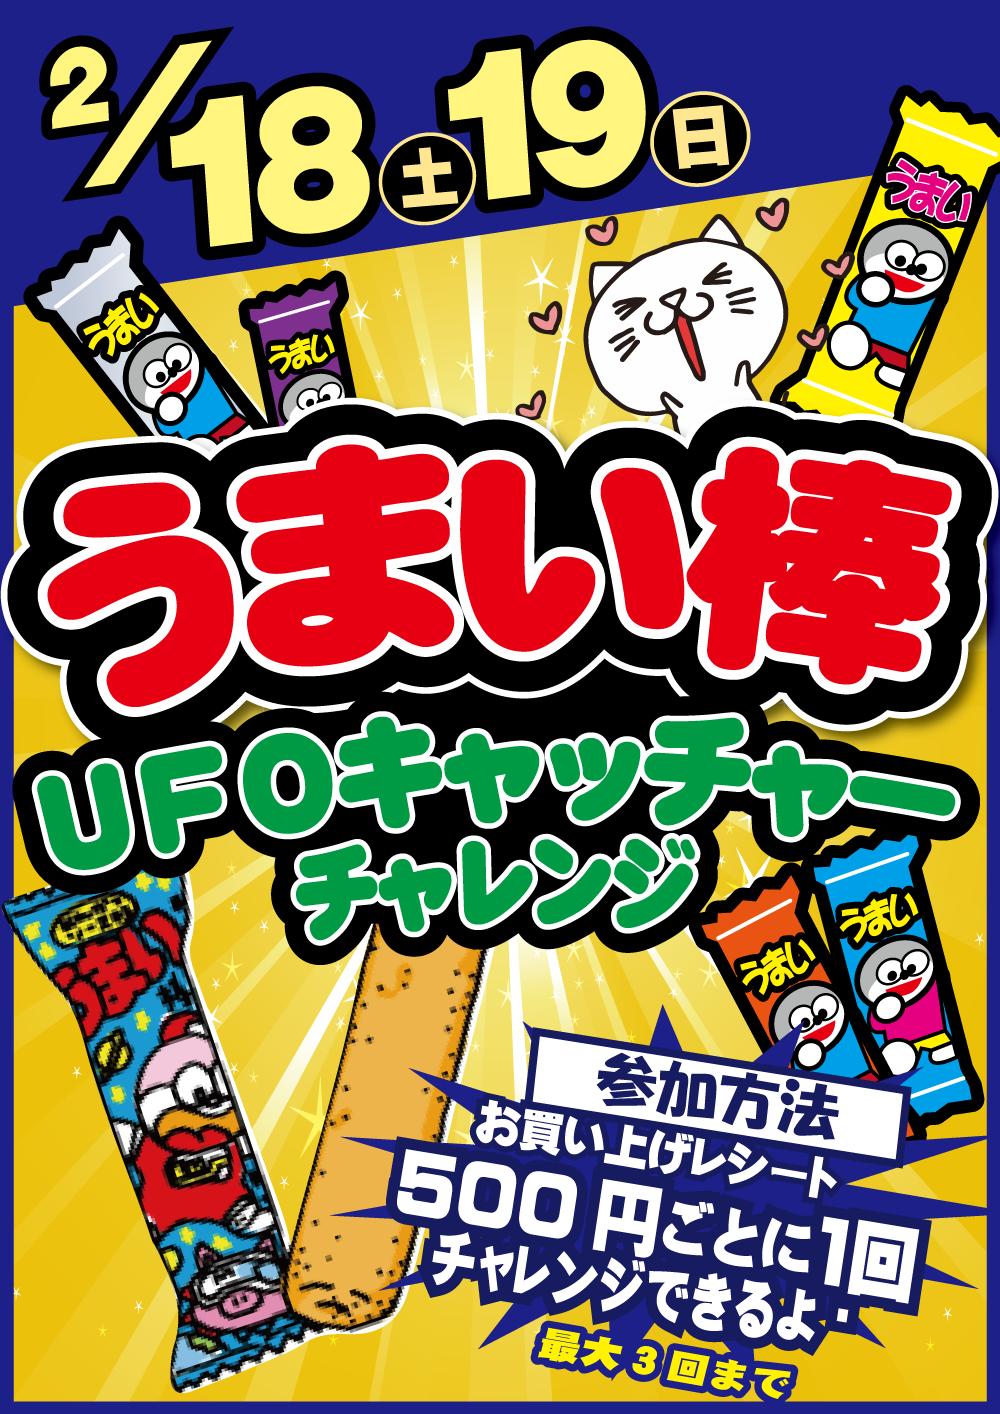 「開放倉庫桜井店」2017年2月18日(土)、19日(日)うまい棒・UFOキャッチャーチャレンジ開催!